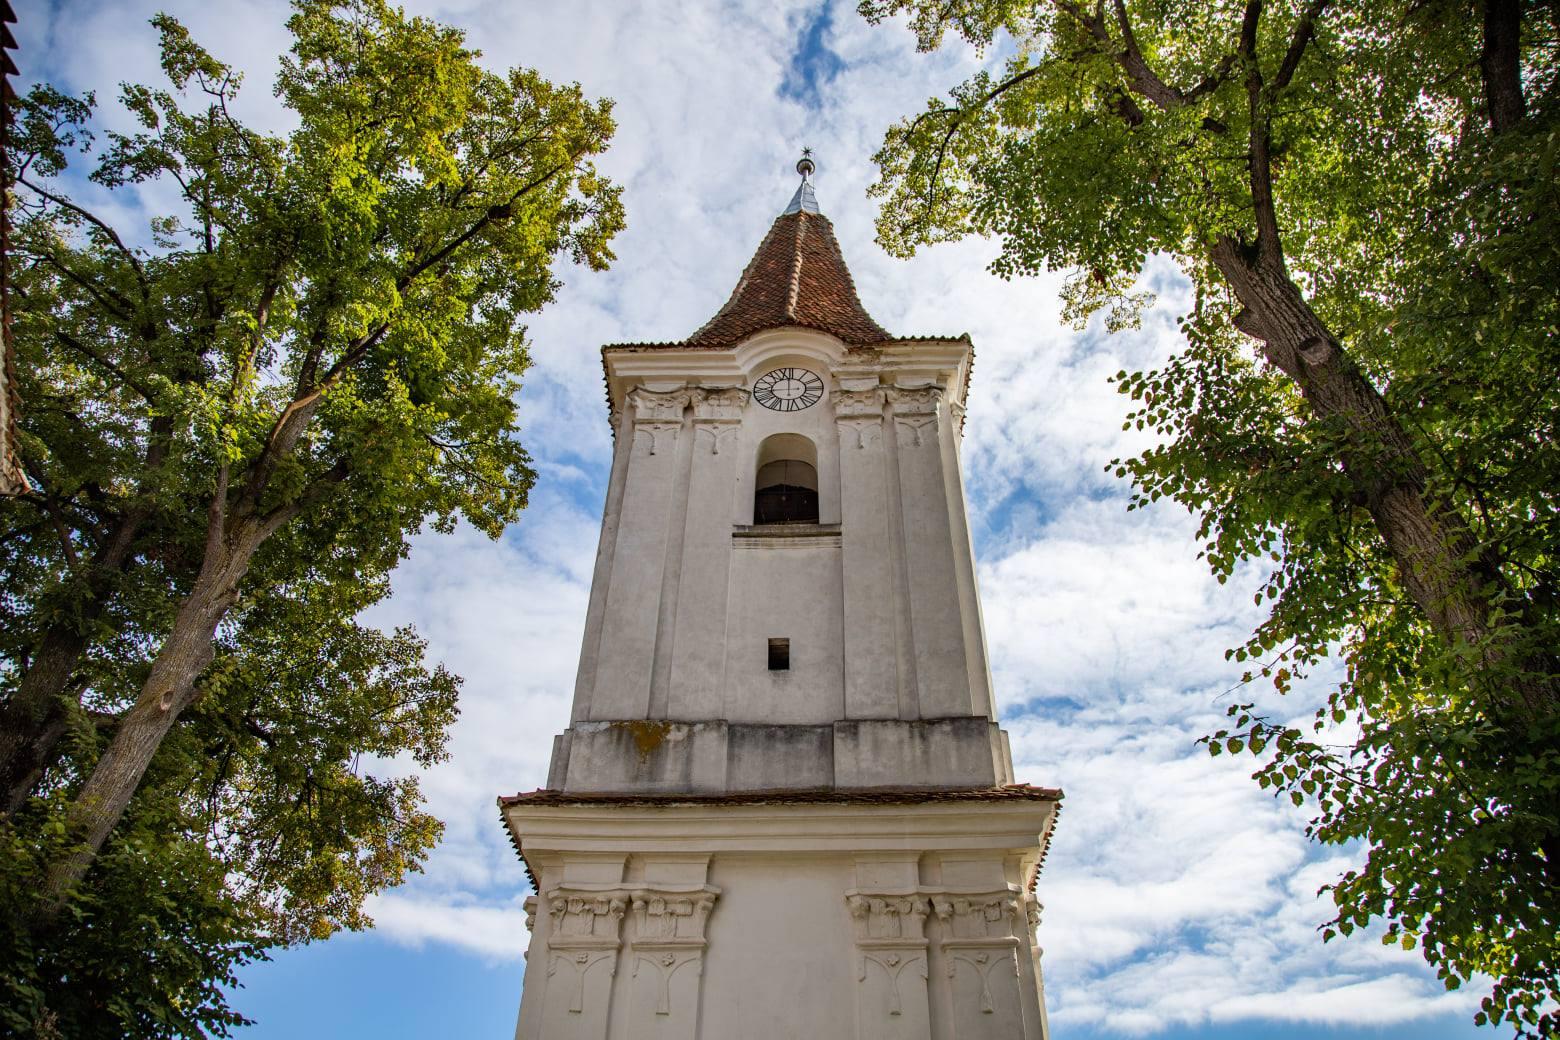 Kétszáz éves a Felsőrákosi Unitárius Egyházközség templomtornya